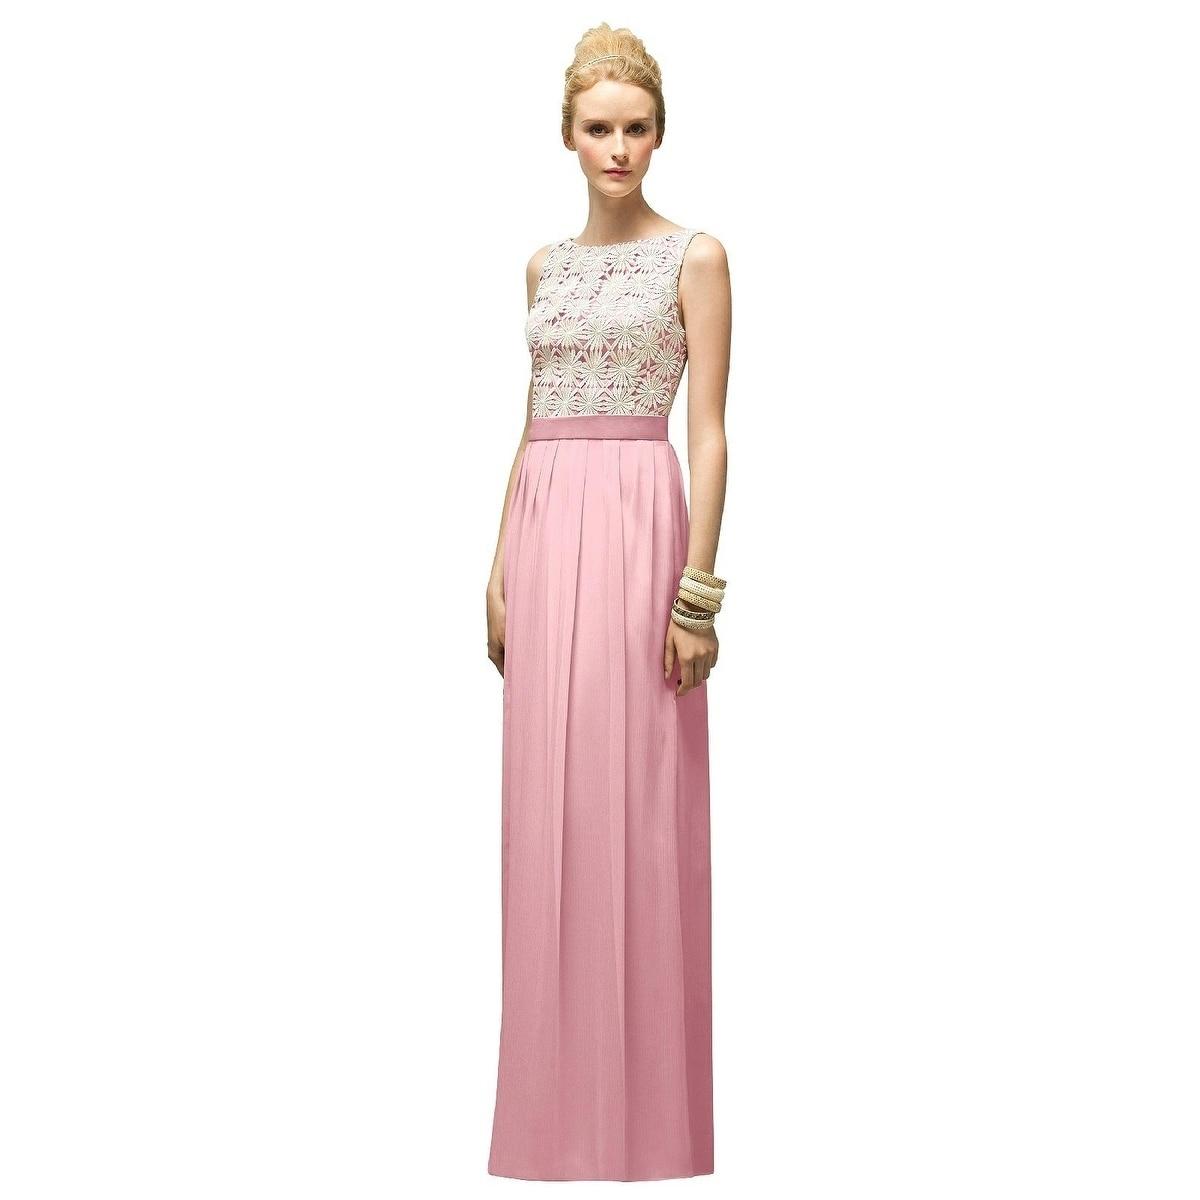 Lela Rose Lace Matching Belt Sleeveless Full Length Dress - Free ...